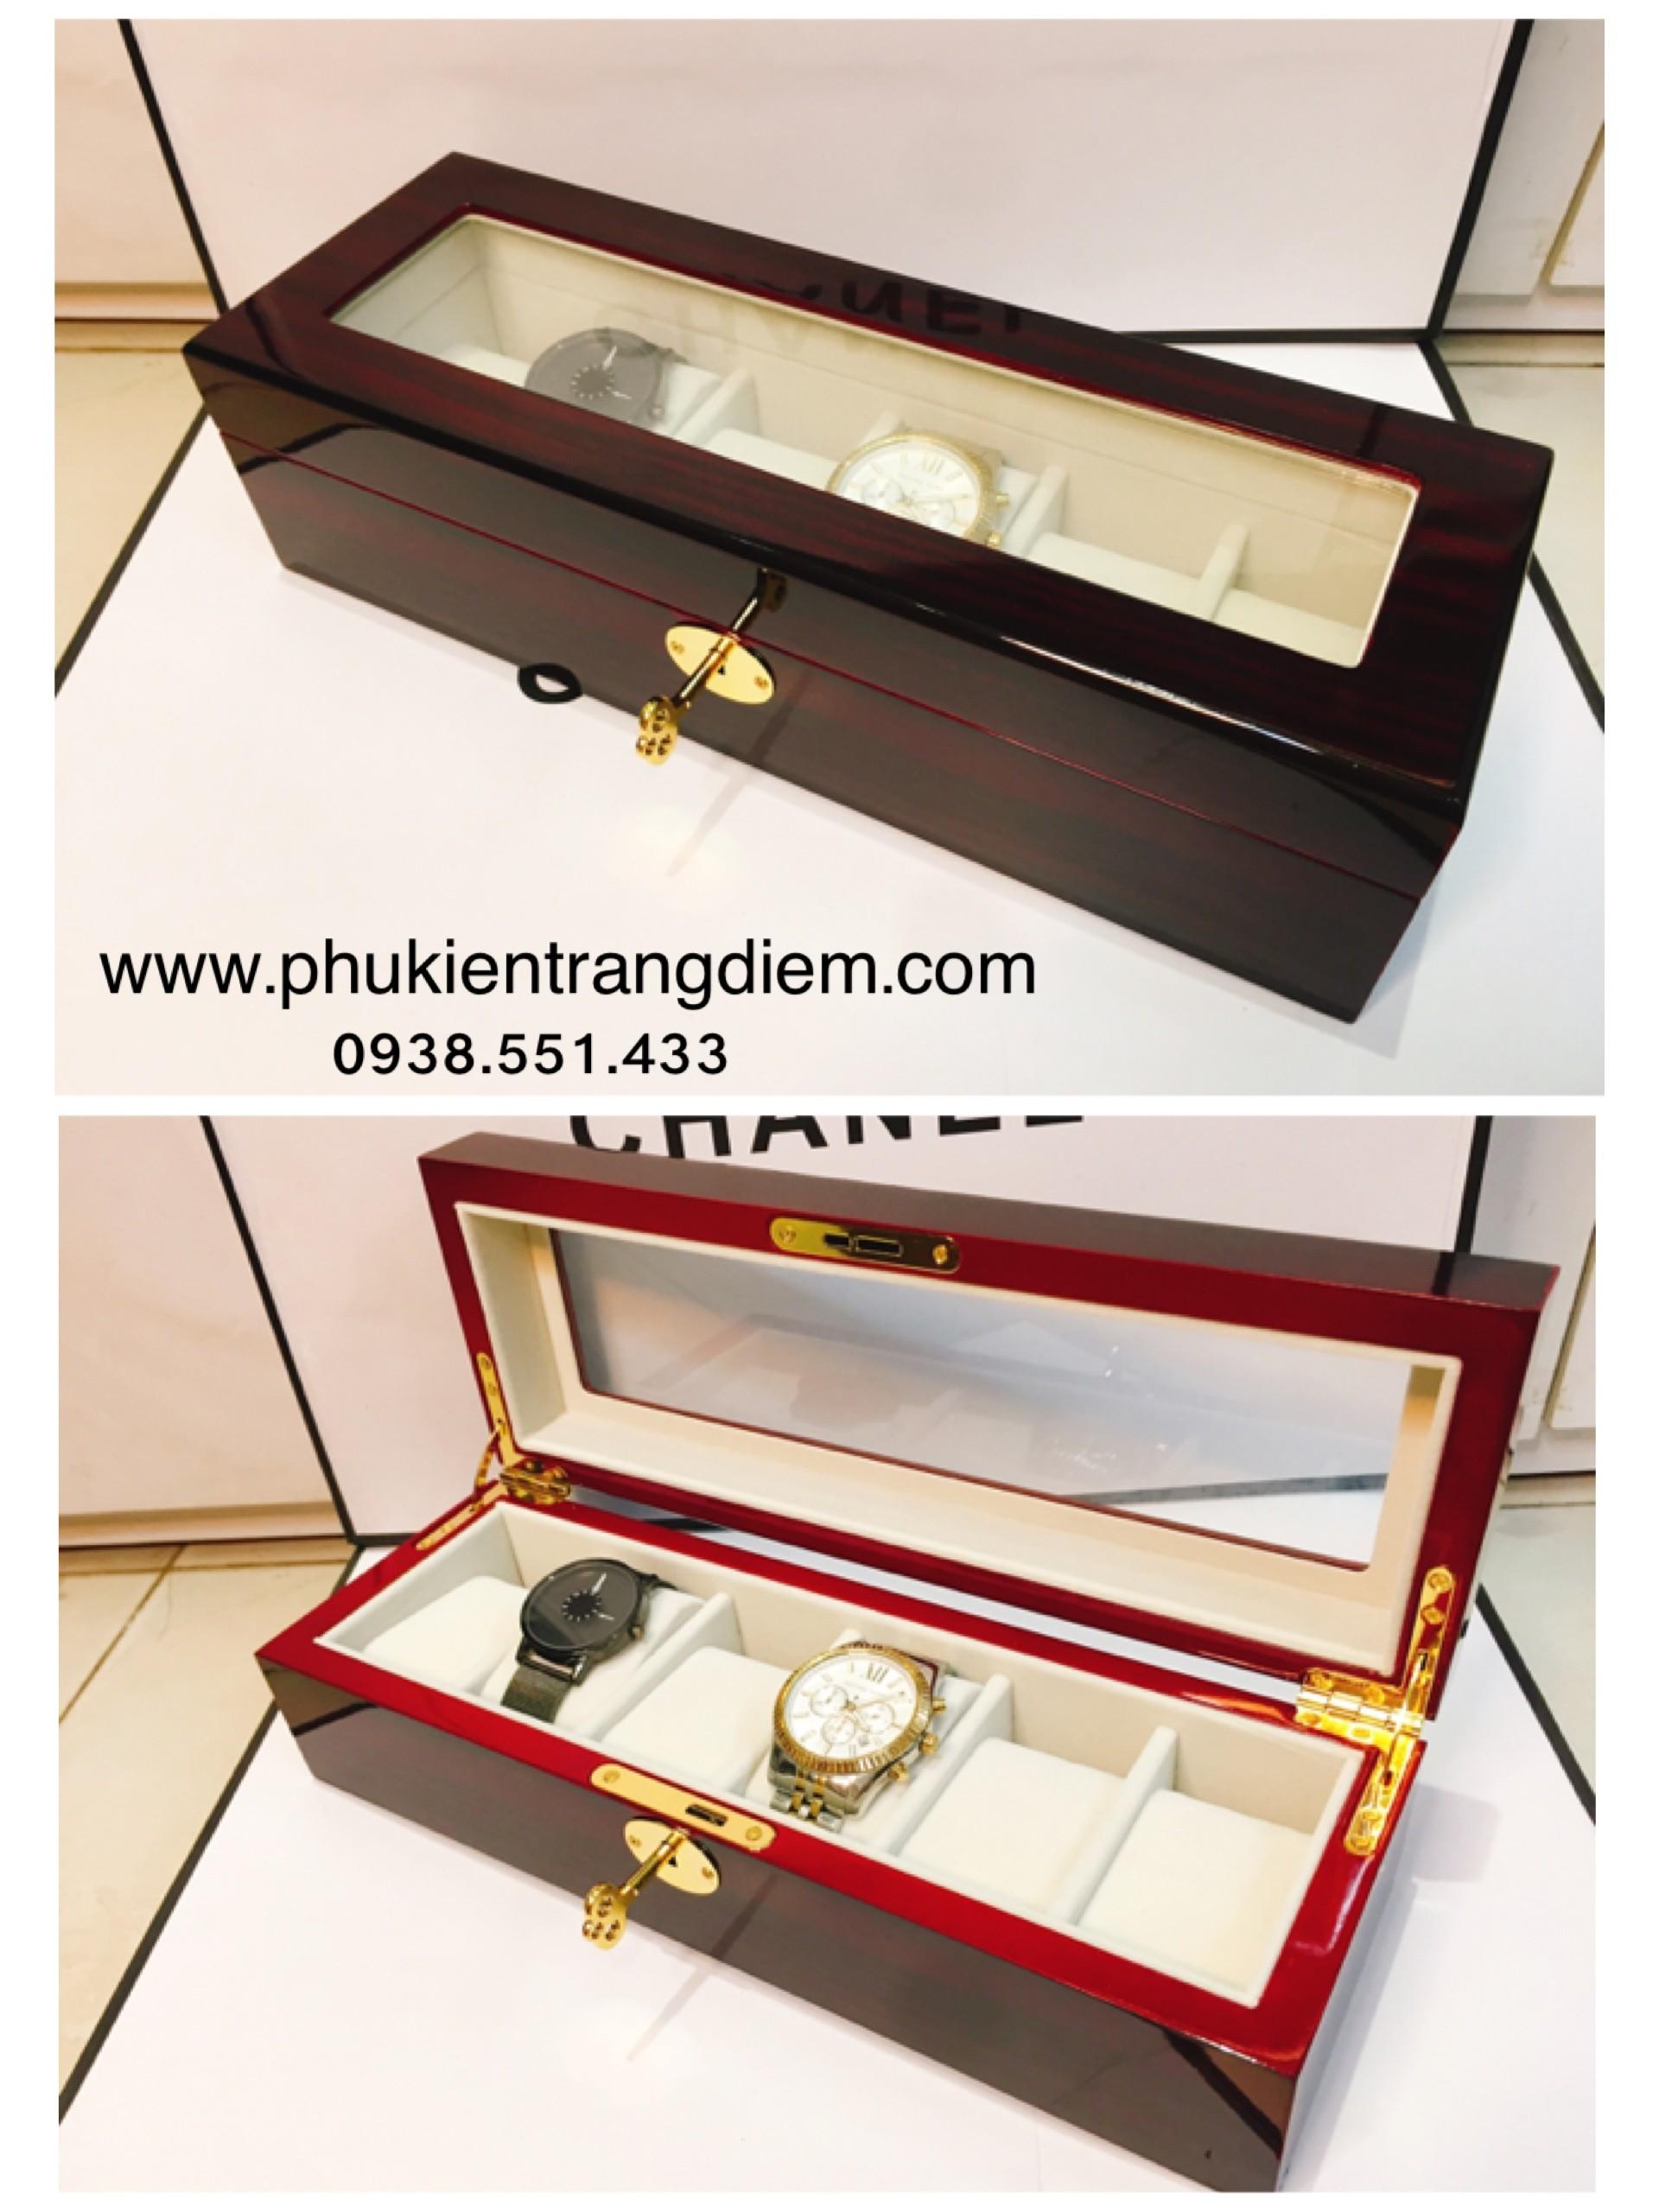 hộp đựng đồng hồ bằng gỗ 6 ngăn có ổ khóa cao cấp